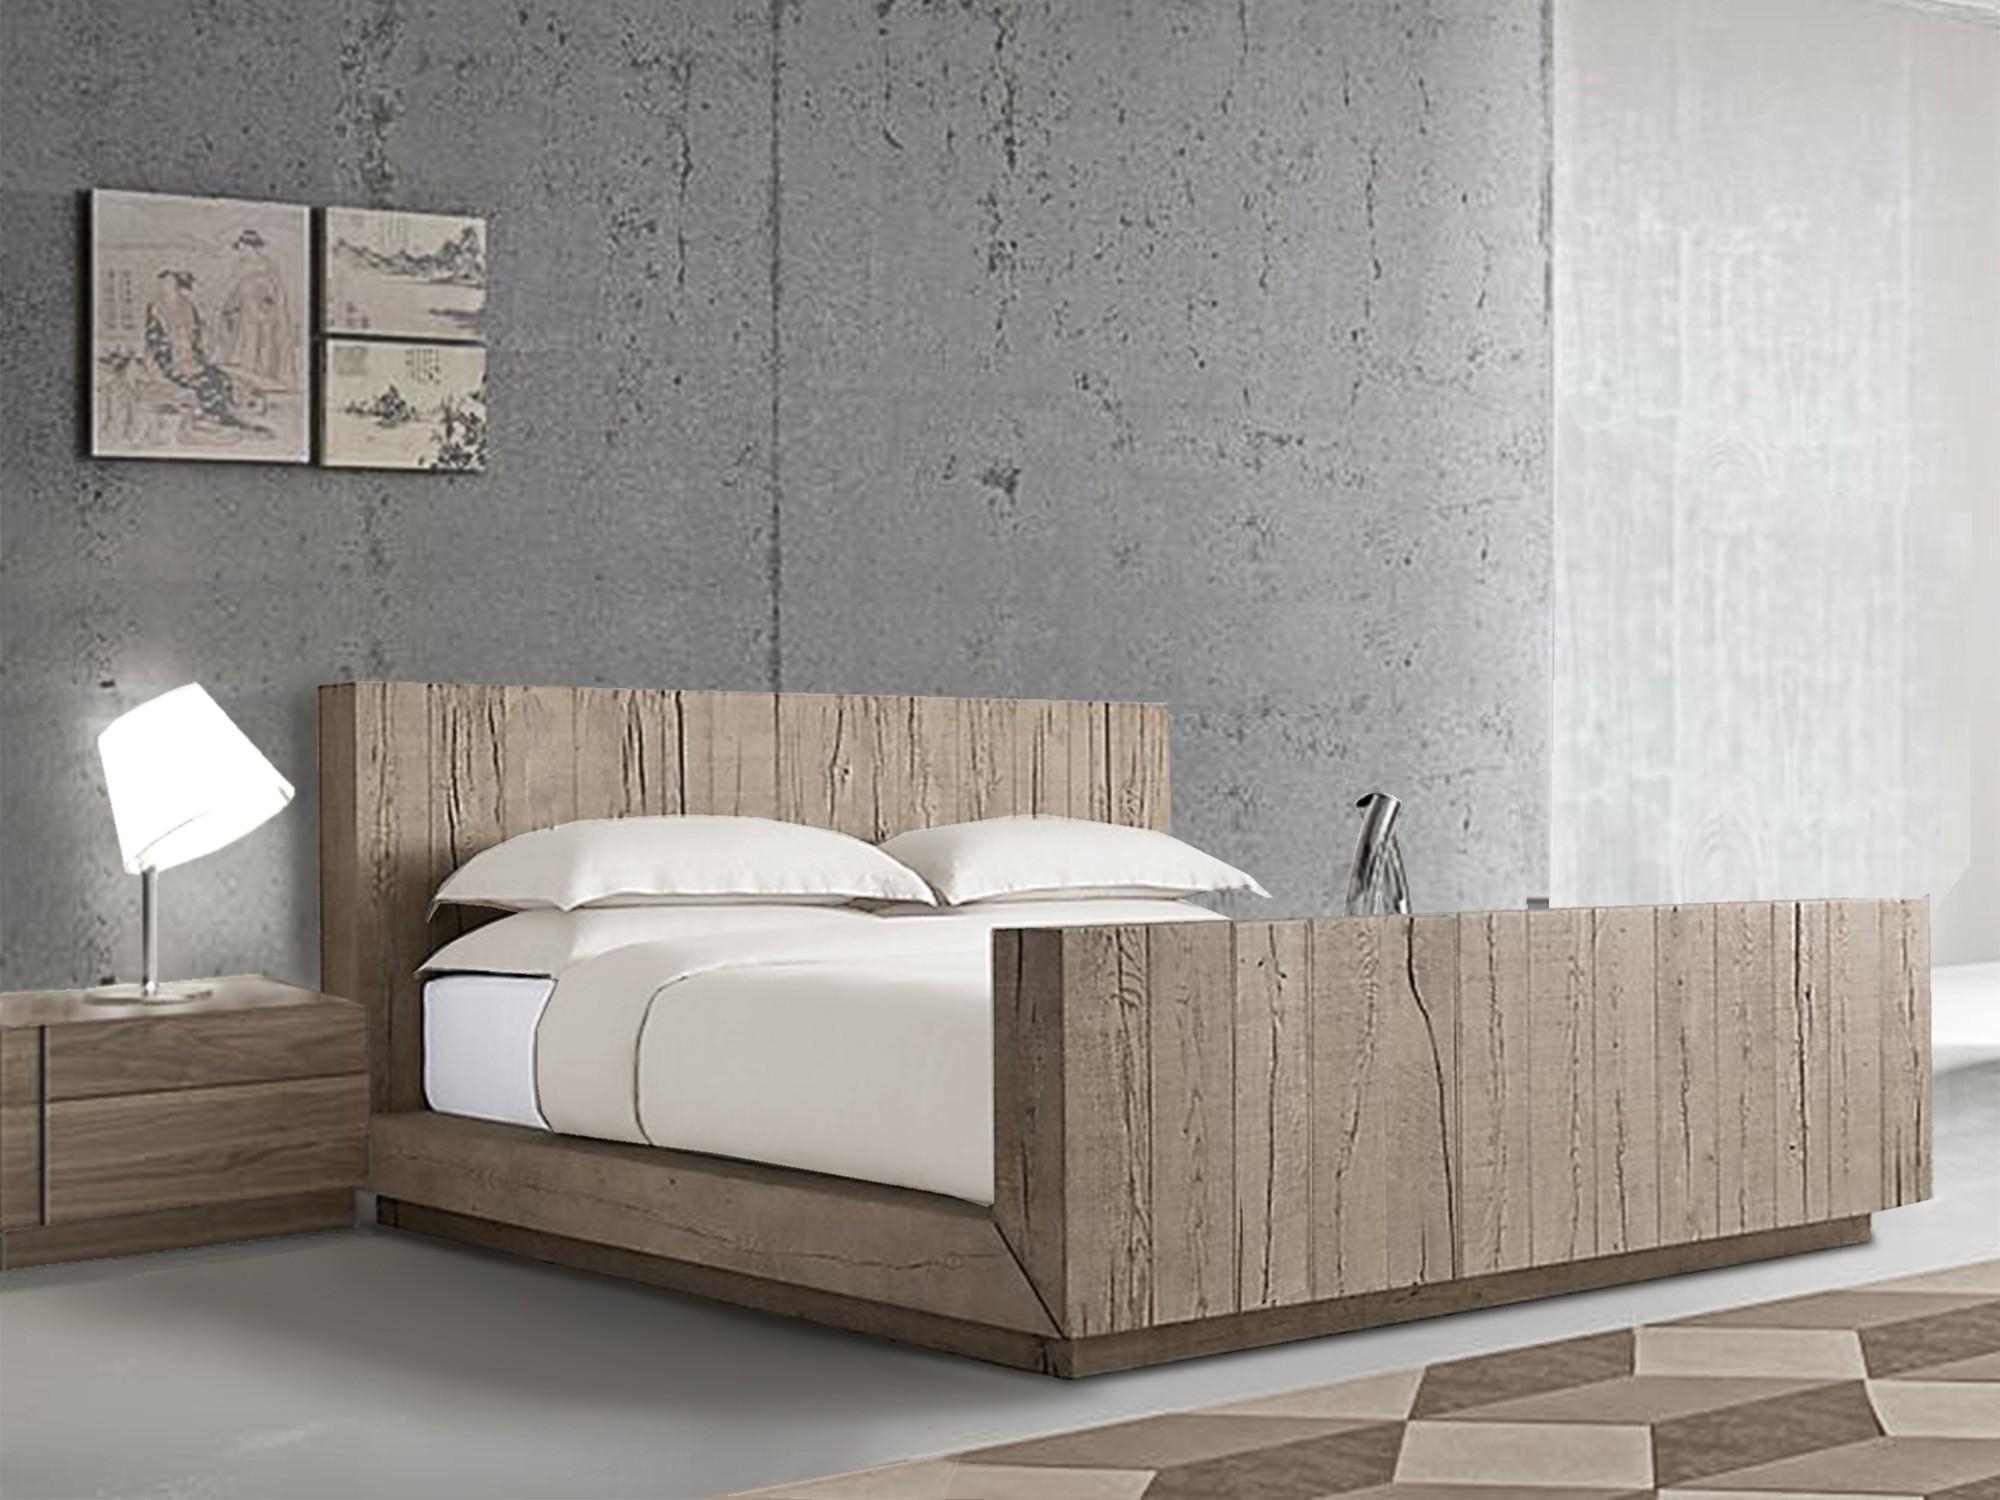 Verbier Luxury Wooden Bed   Bespoke Bed   Hadley Rose